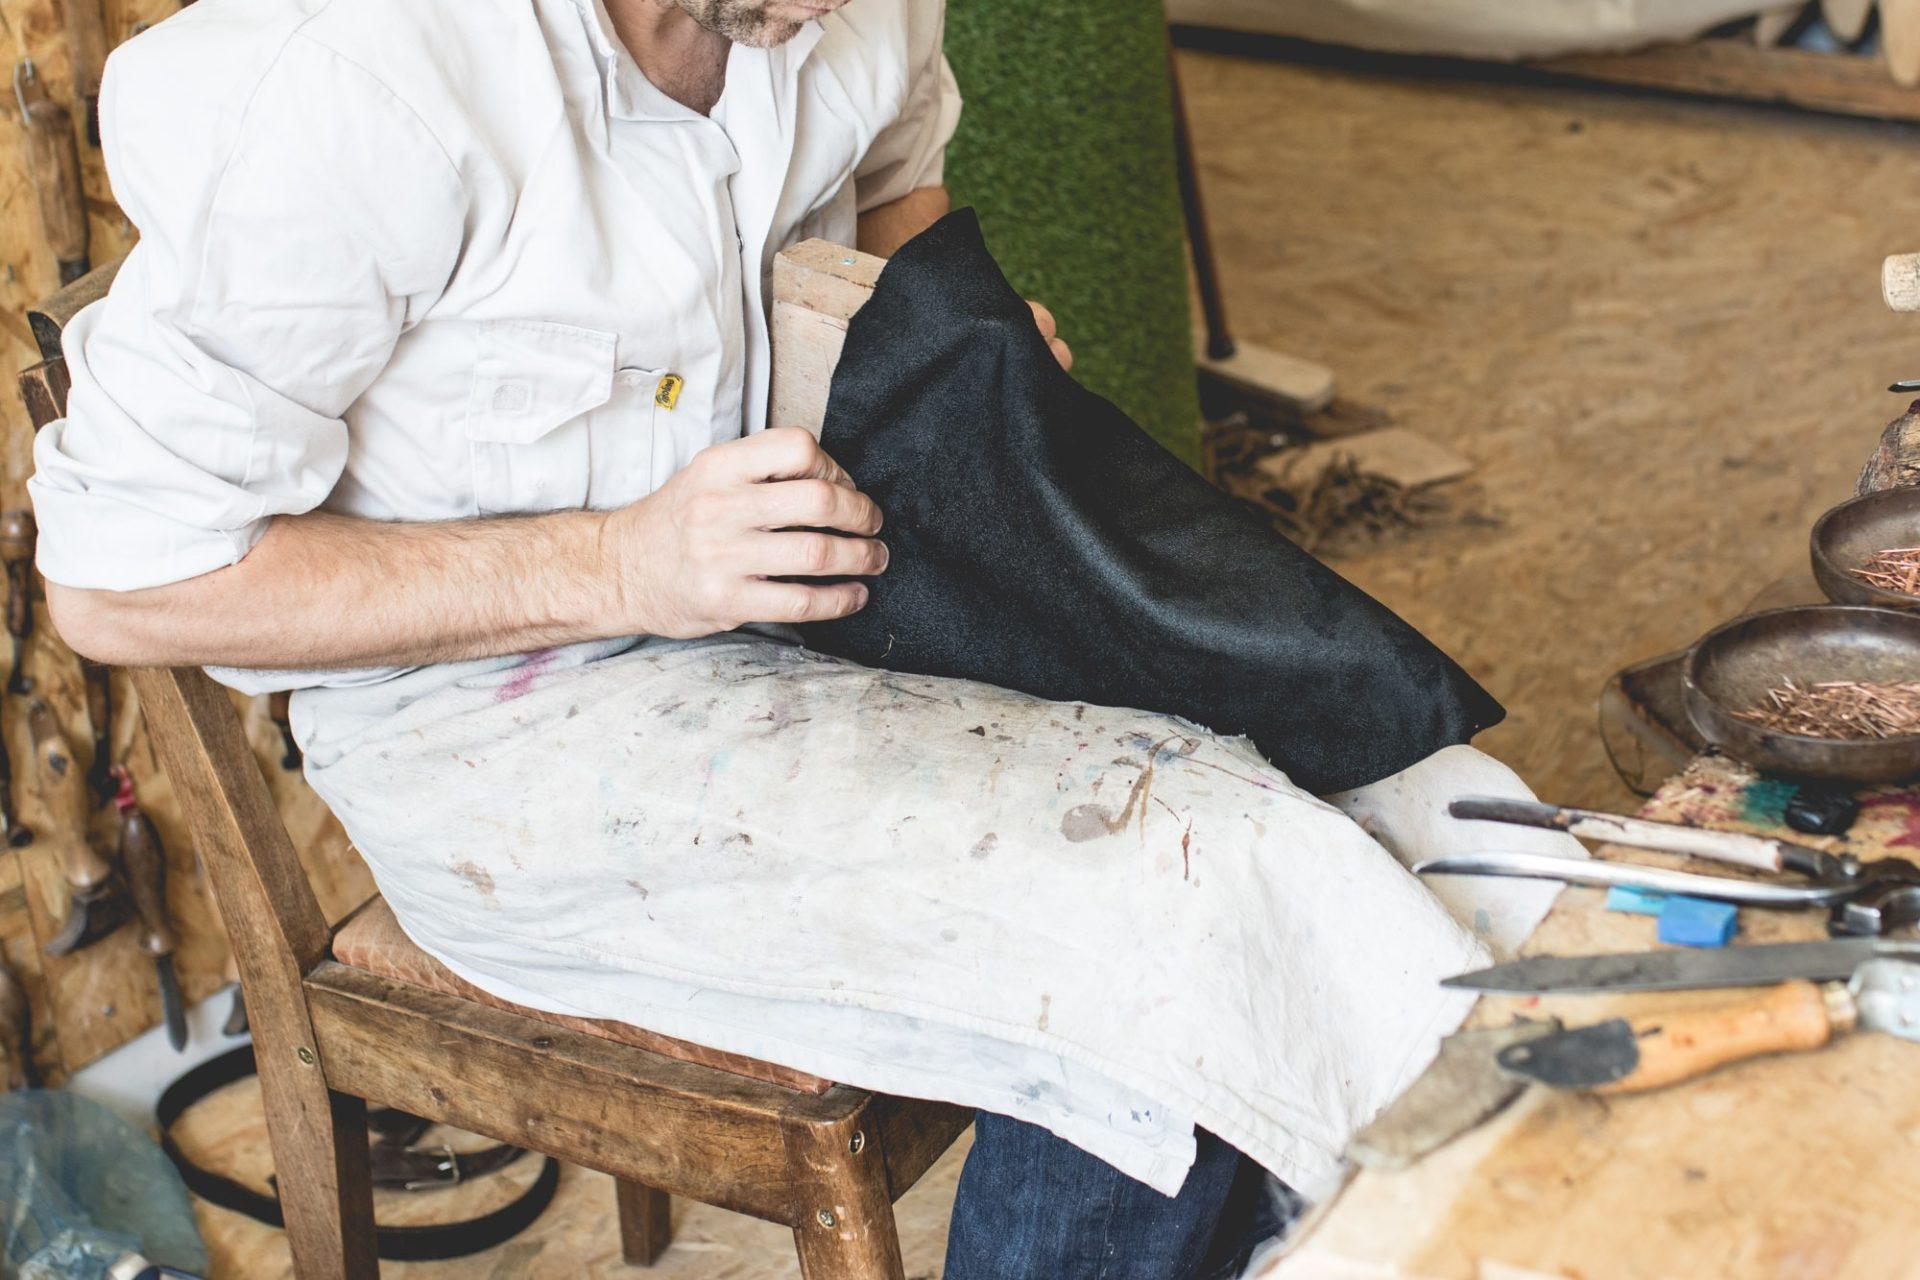 Breguet Classique Tourbillon Extra Plat 5367 - Atelier du Tranchet